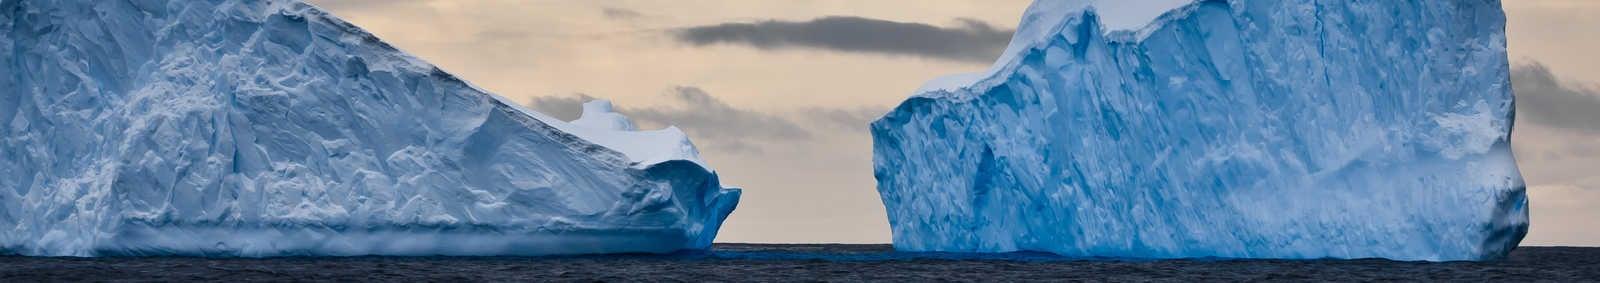 Huge icebergs in Antarctica, dark sky